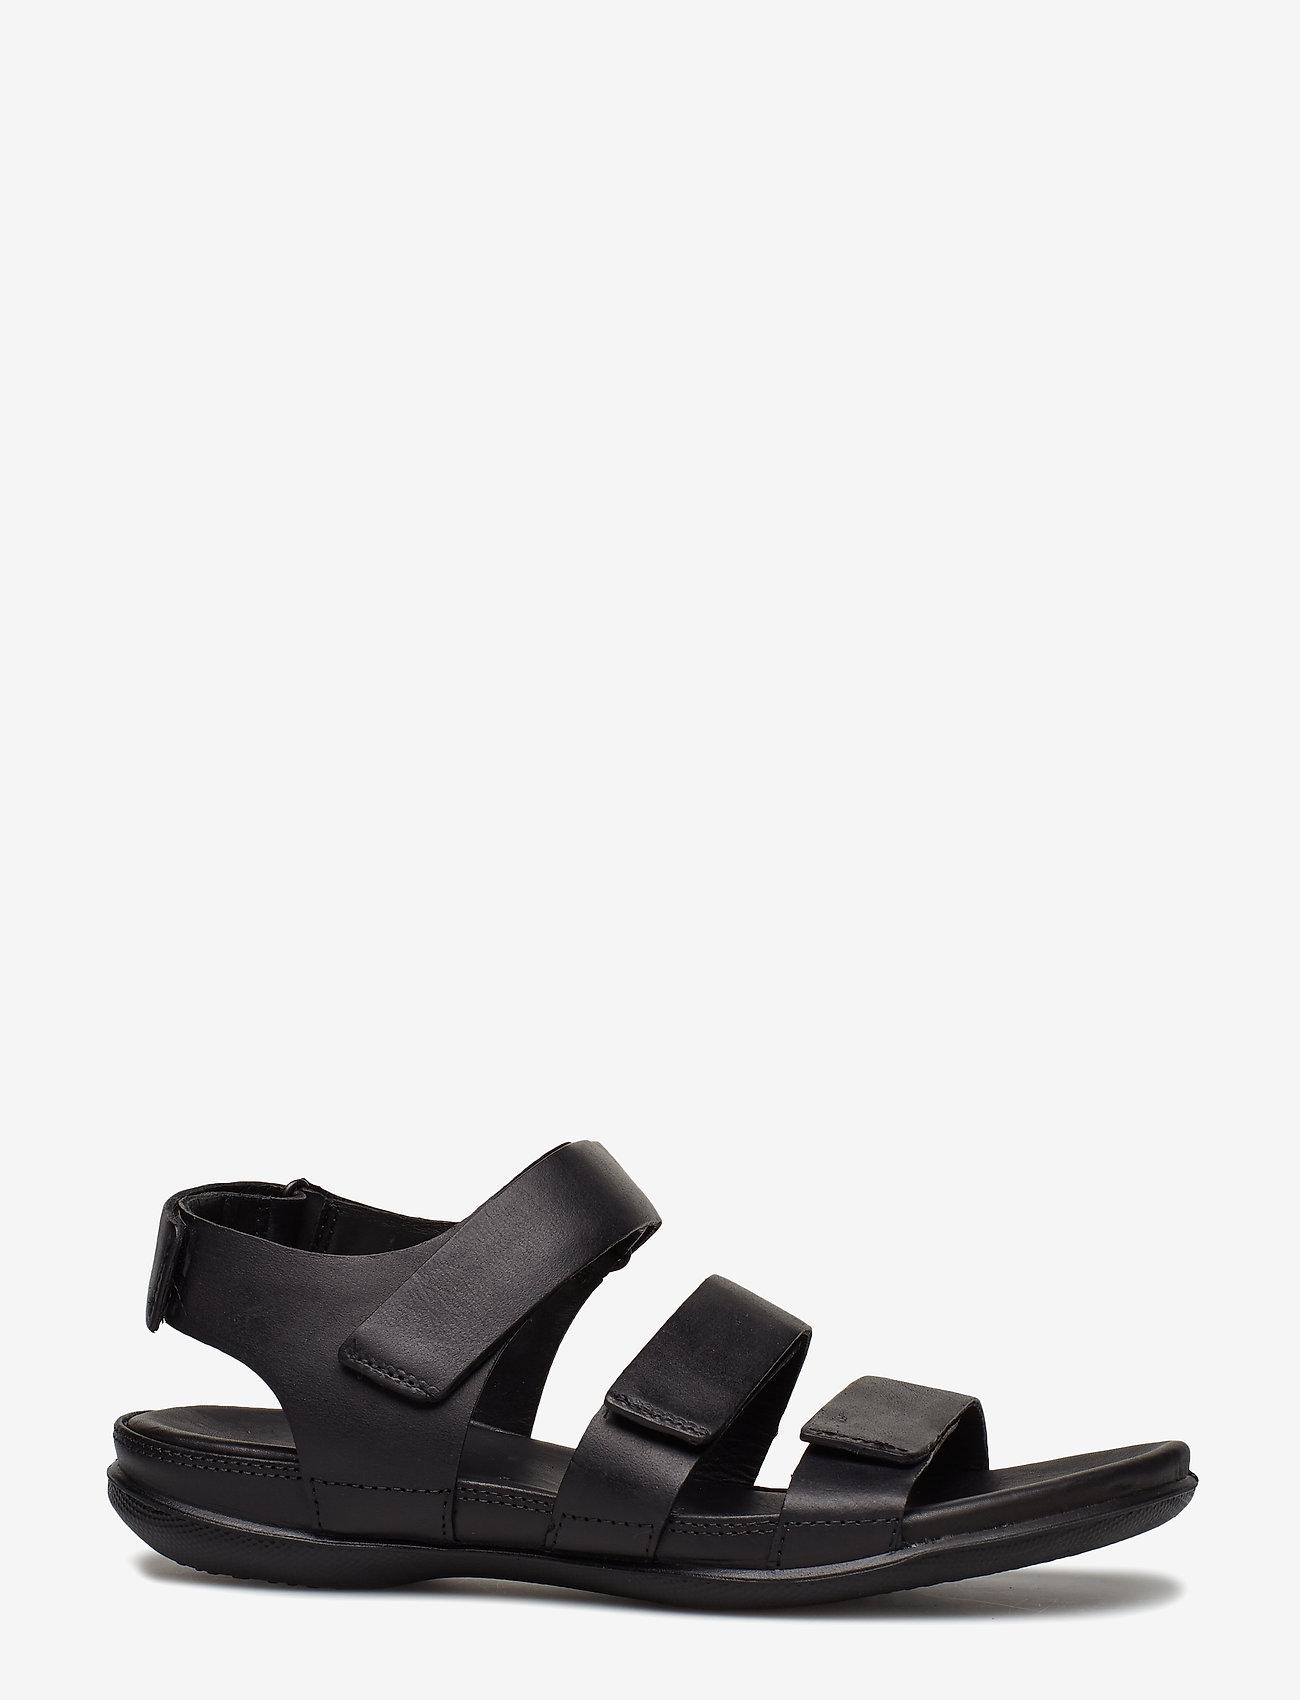 ECCO - FLASH - flat sandals - black - 1